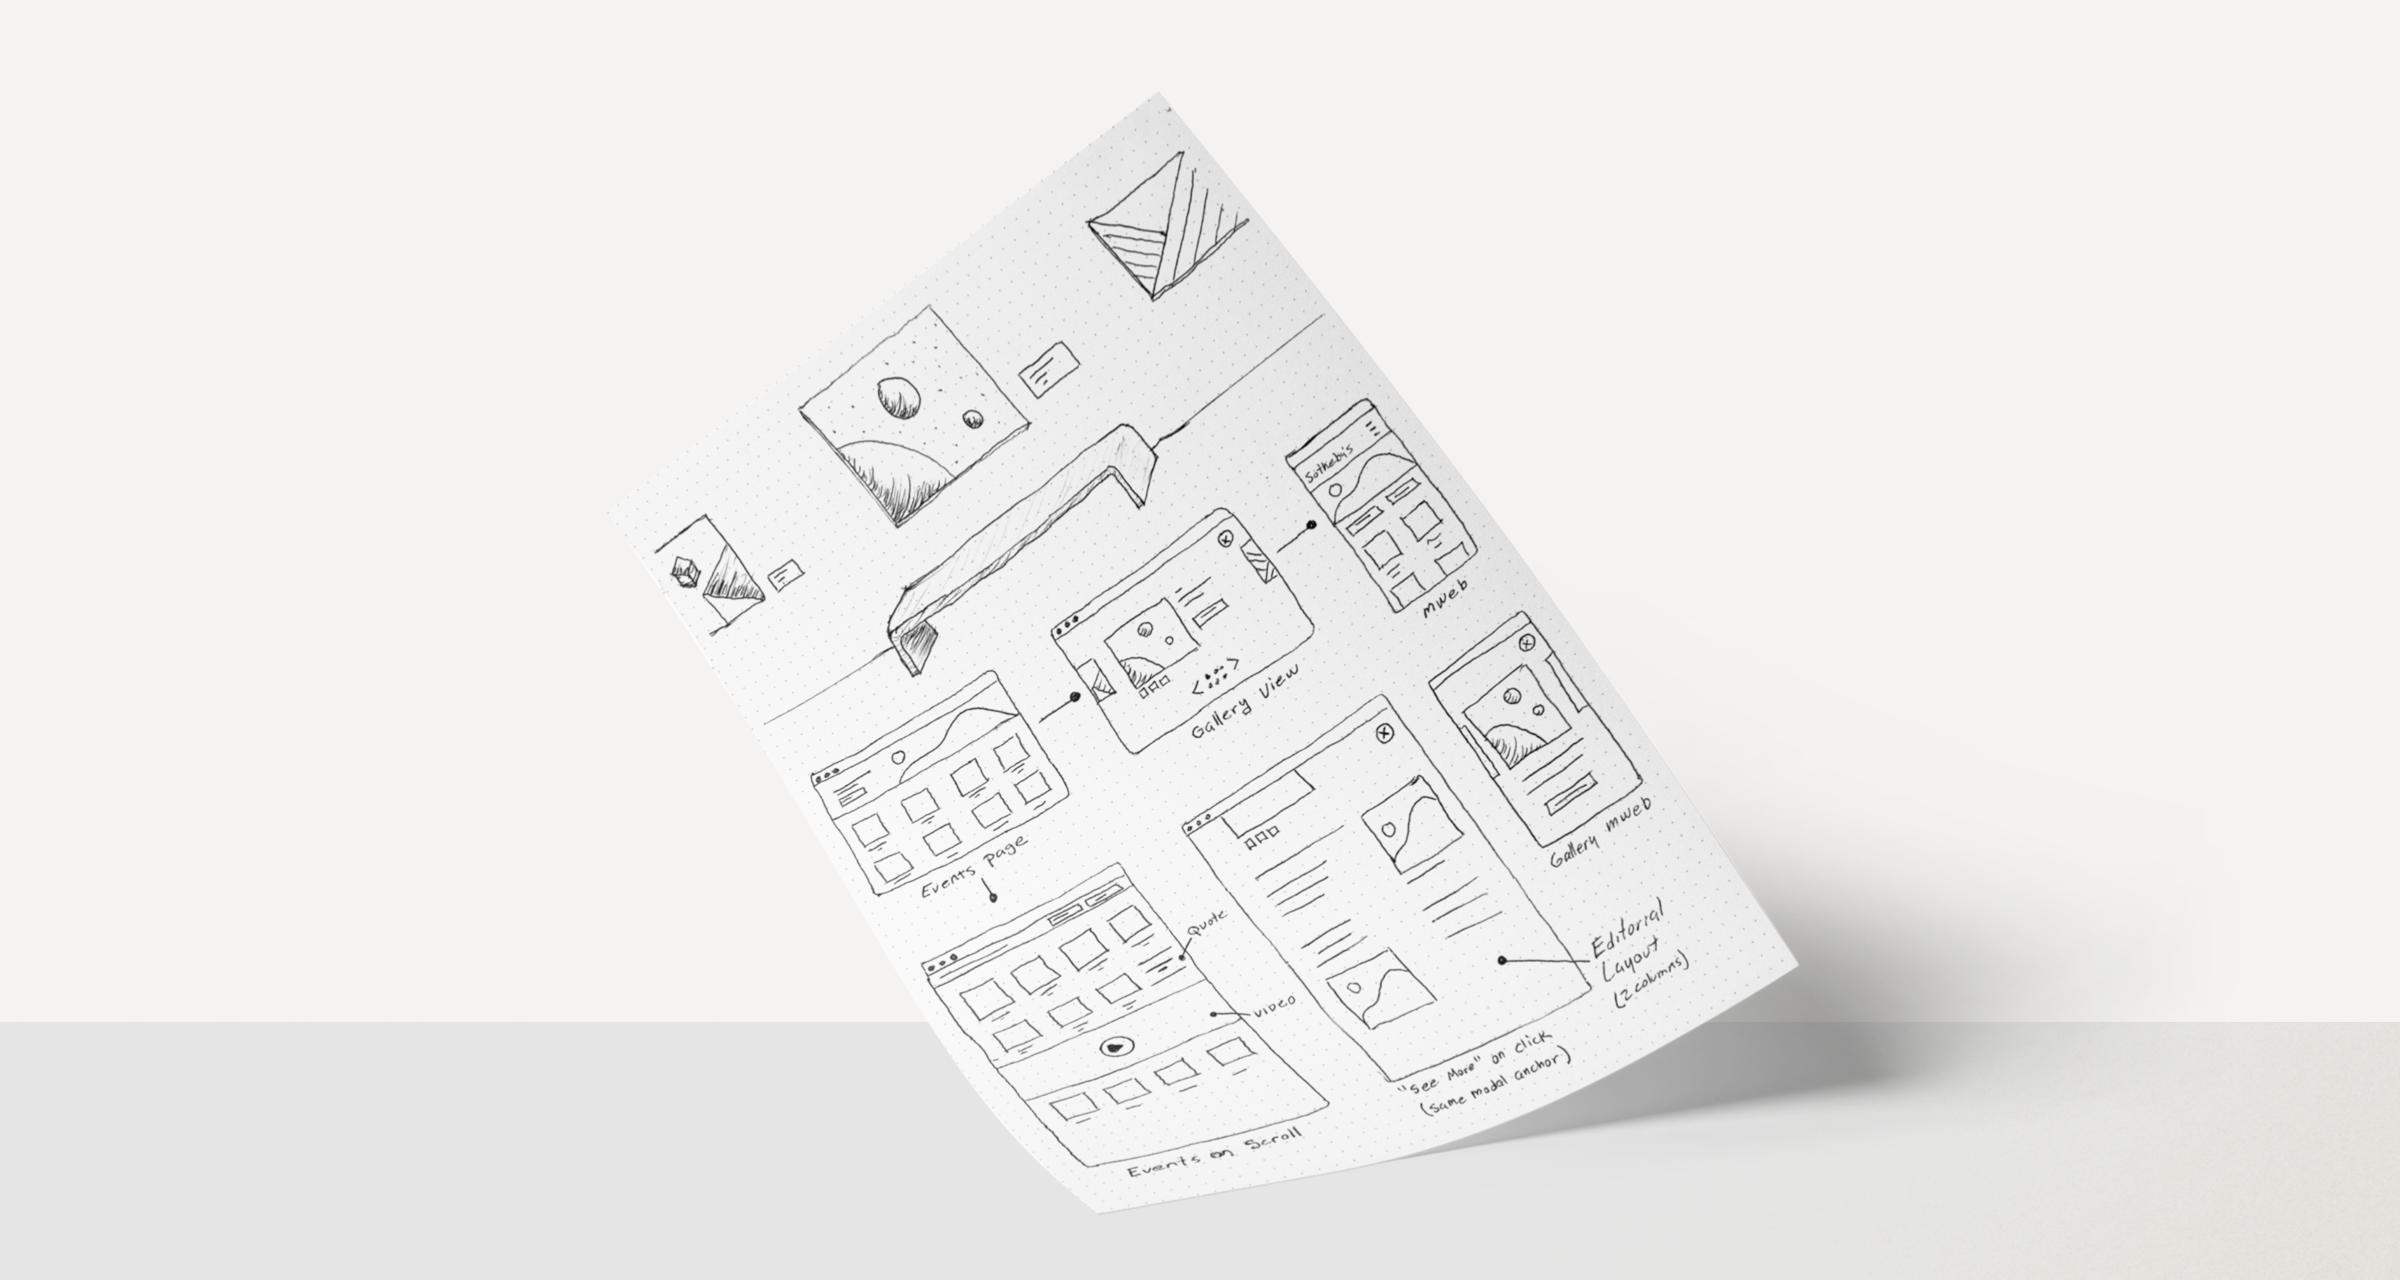 sothebys_ideation_sketch